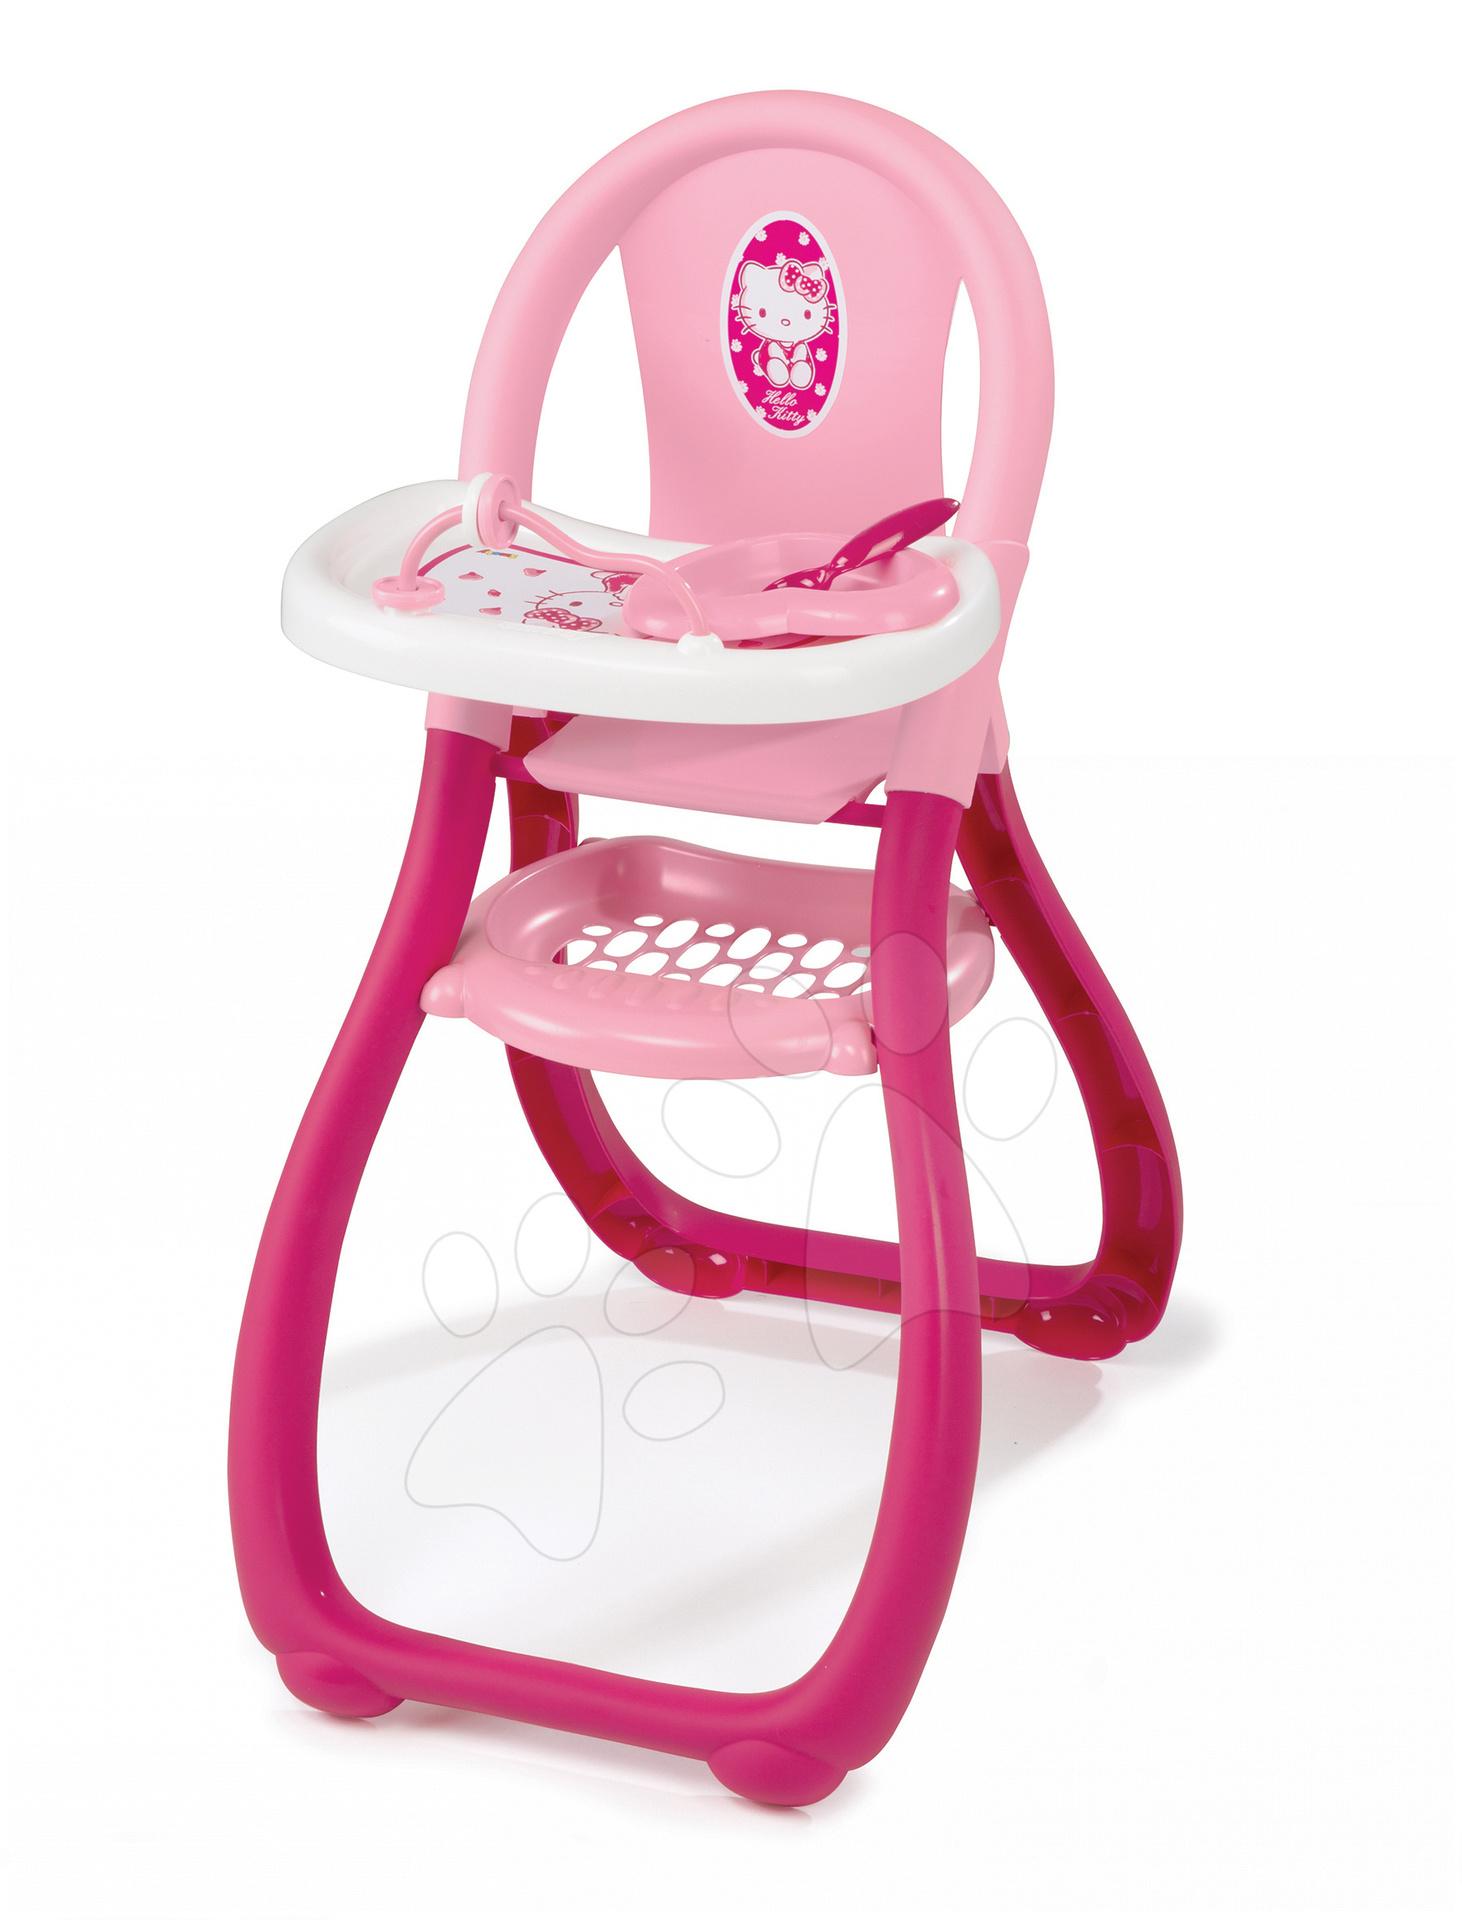 Jídelní židle Hello Kitty Smoby pro 42 cm panenku tmavorůžová od 18 měsíců